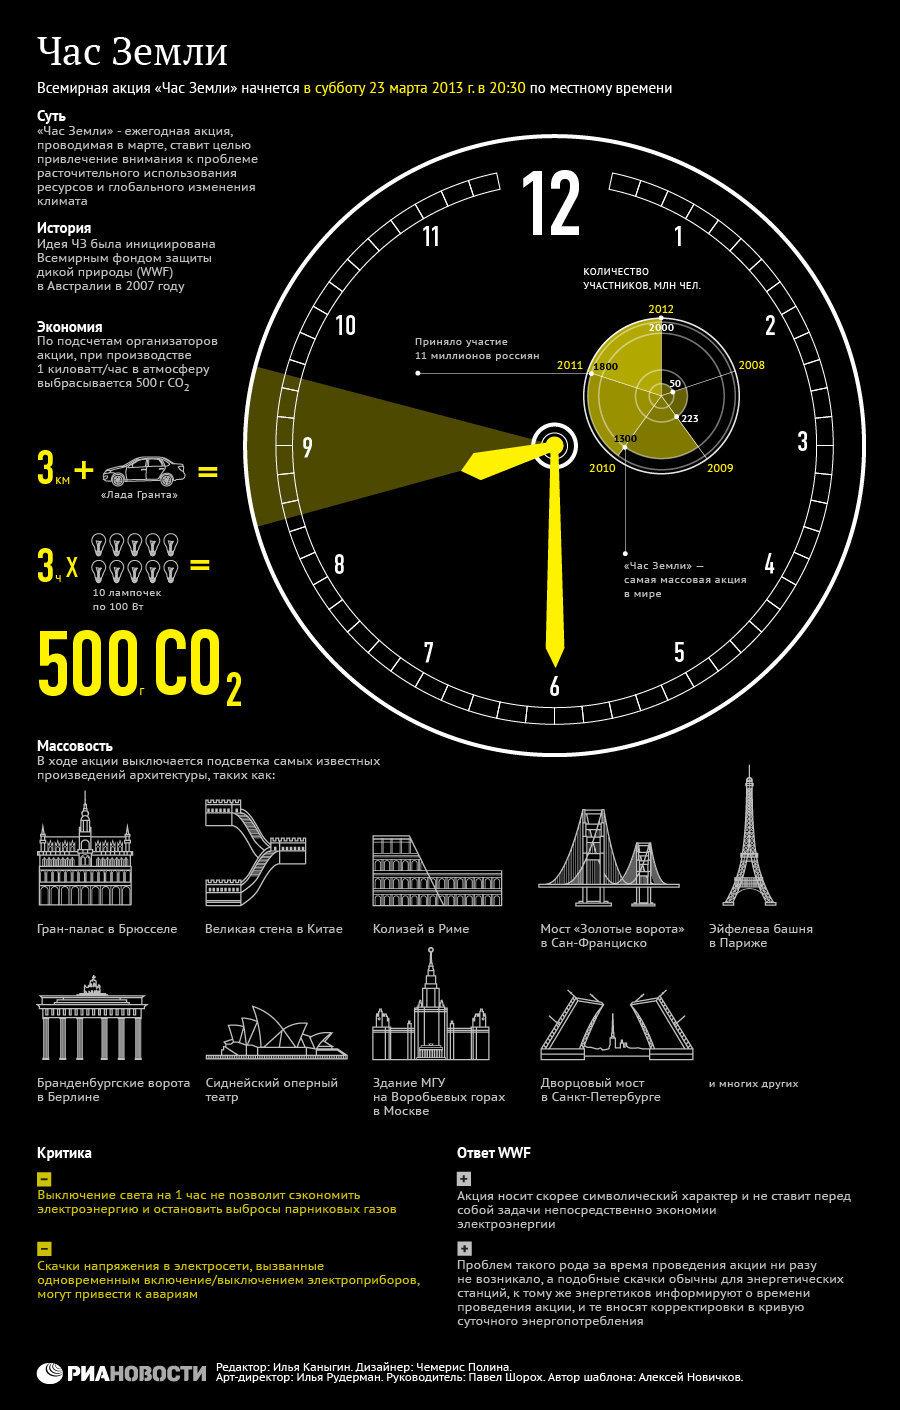 Всемирная акция Час Земли: история, цели, участники